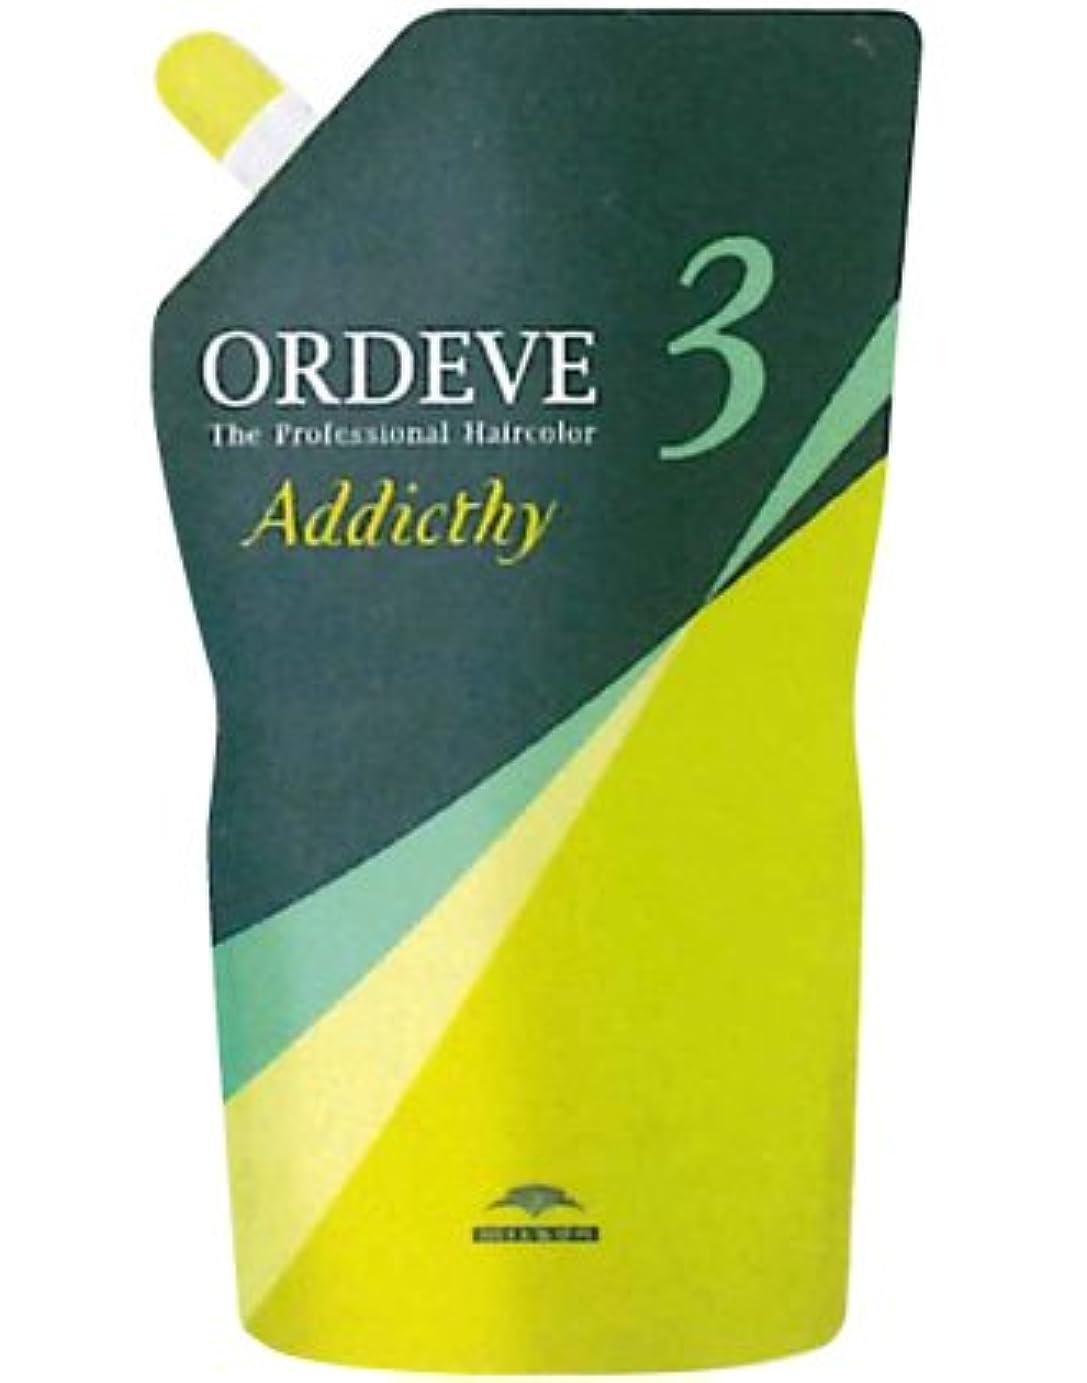 退屈な特許アートミルボン オルディーブ アディクシー 2剤 オキシダン 3.0% 1000ml